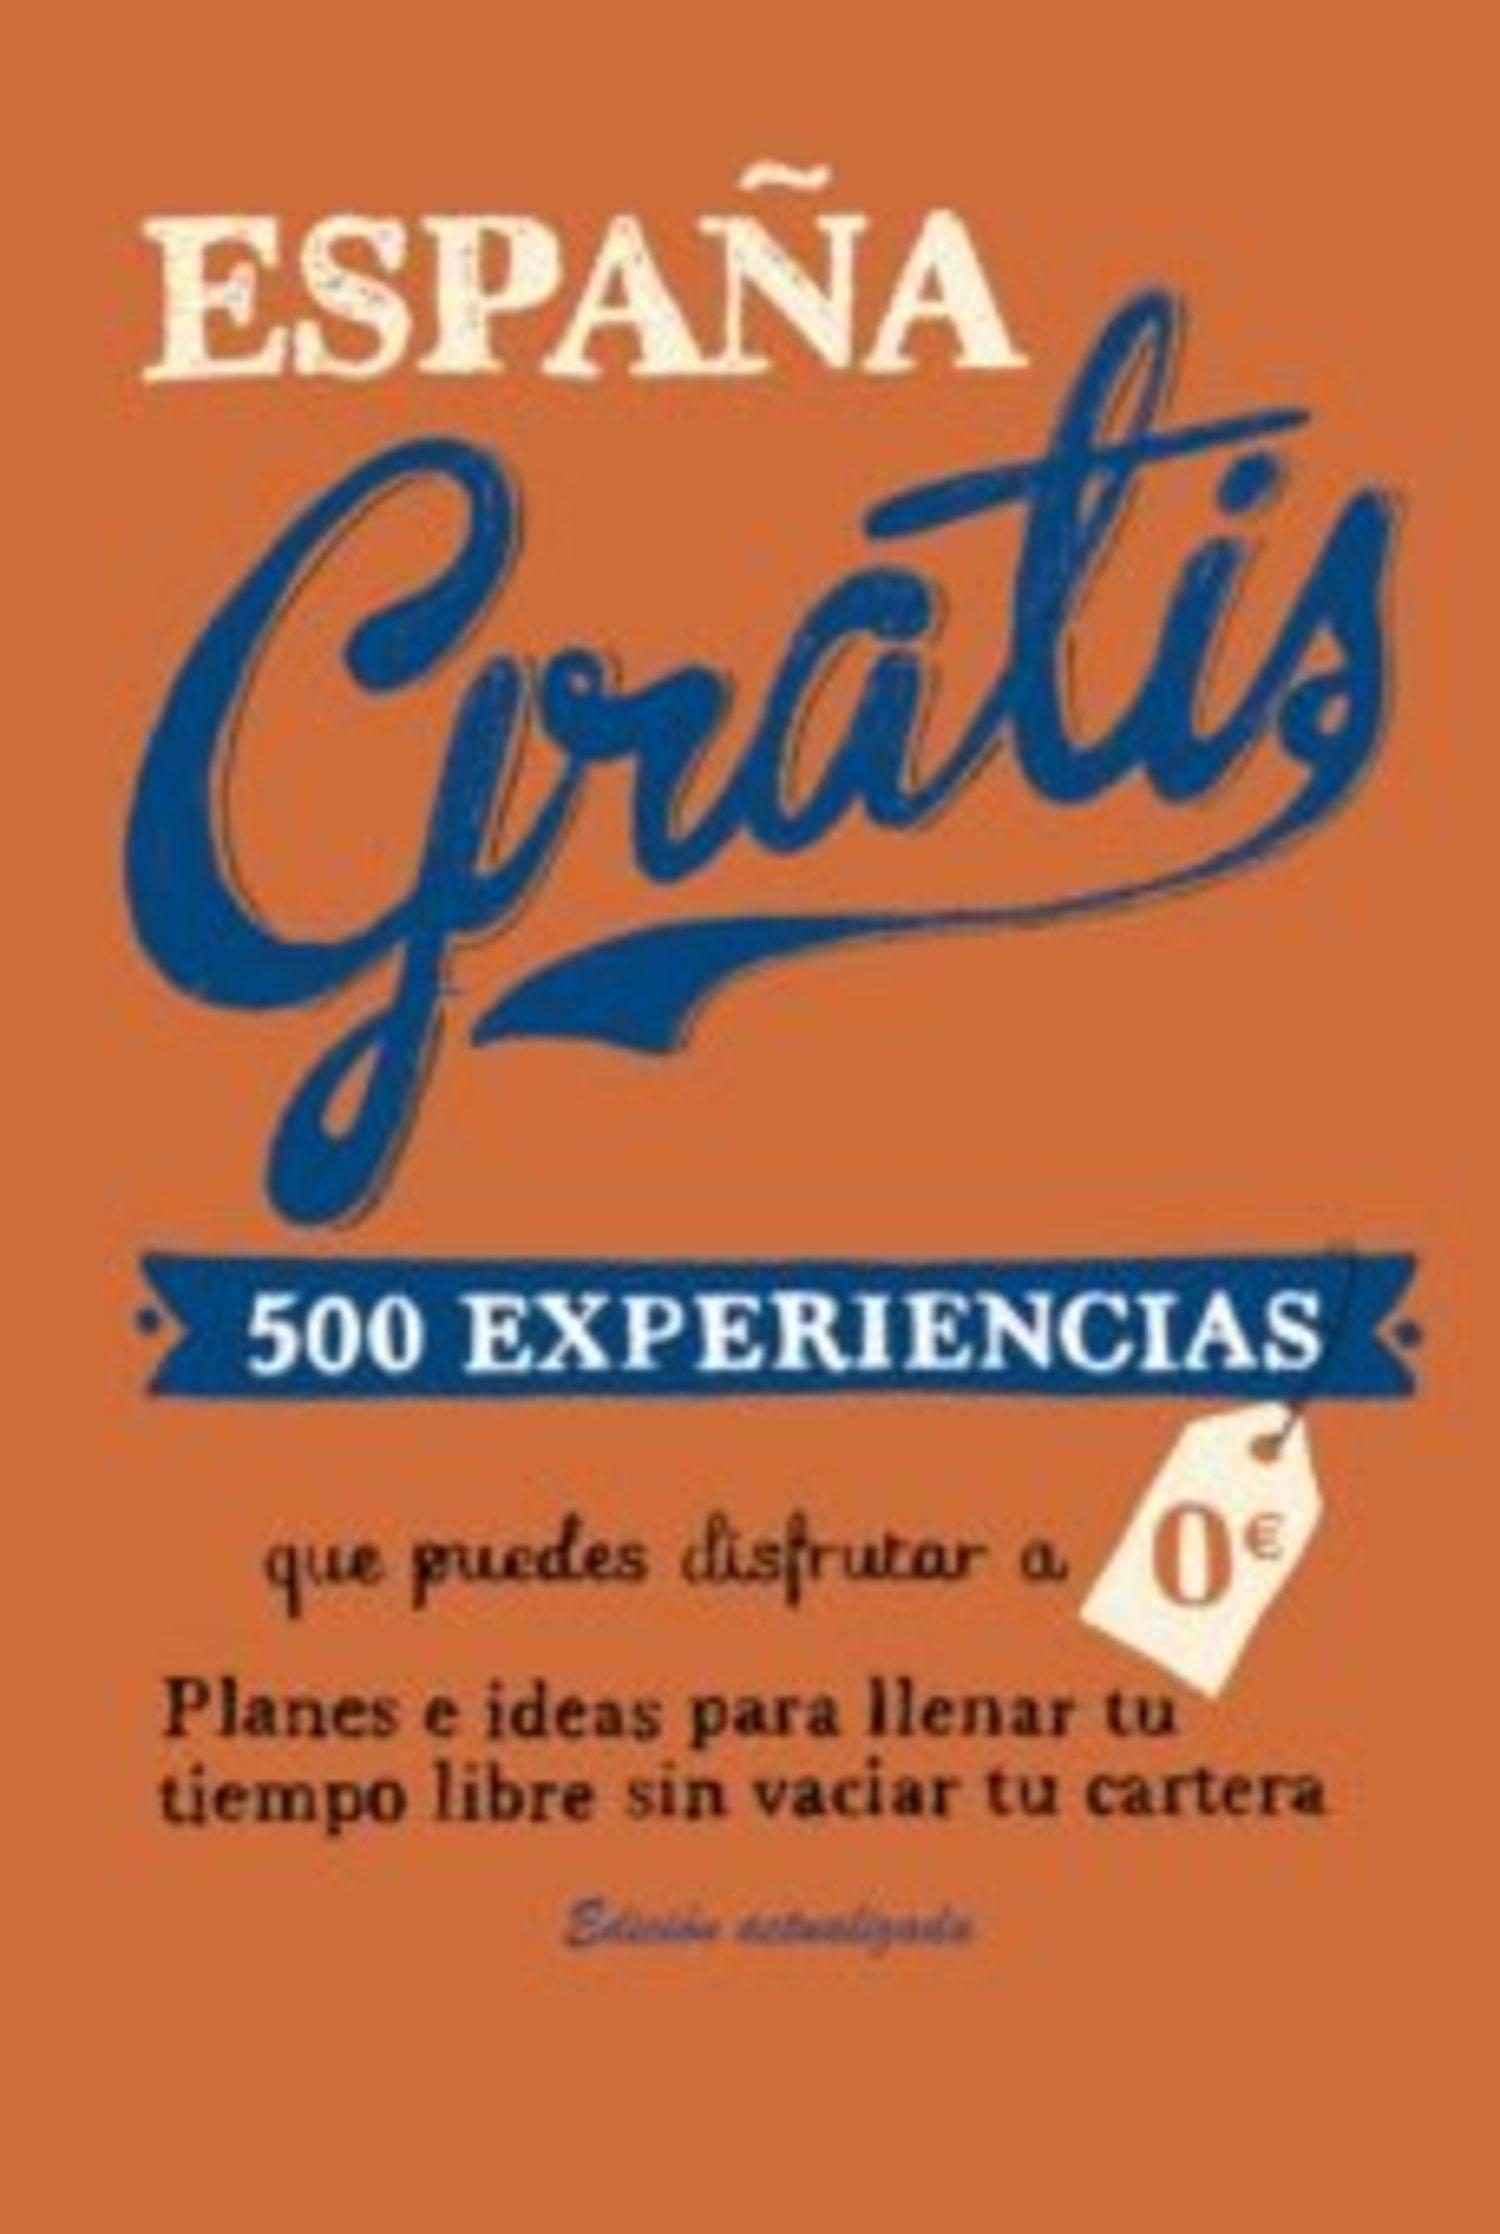 'España Gratis', el libro ideal para todo ahorrador.